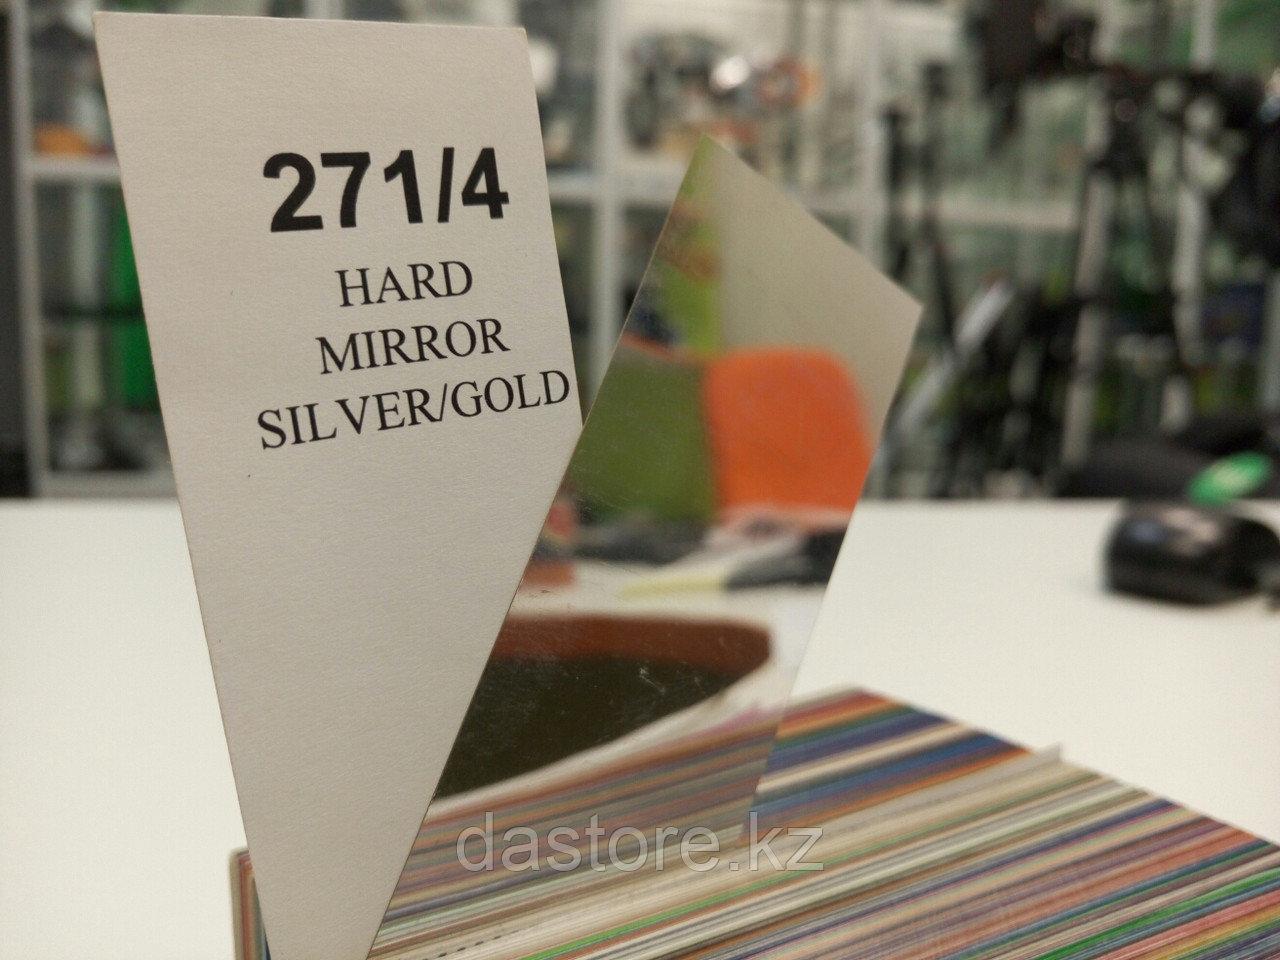 Cotech 271/4 MIRROR REFLECTOR SILVER/GOLD светофильтр для осветительных приборов